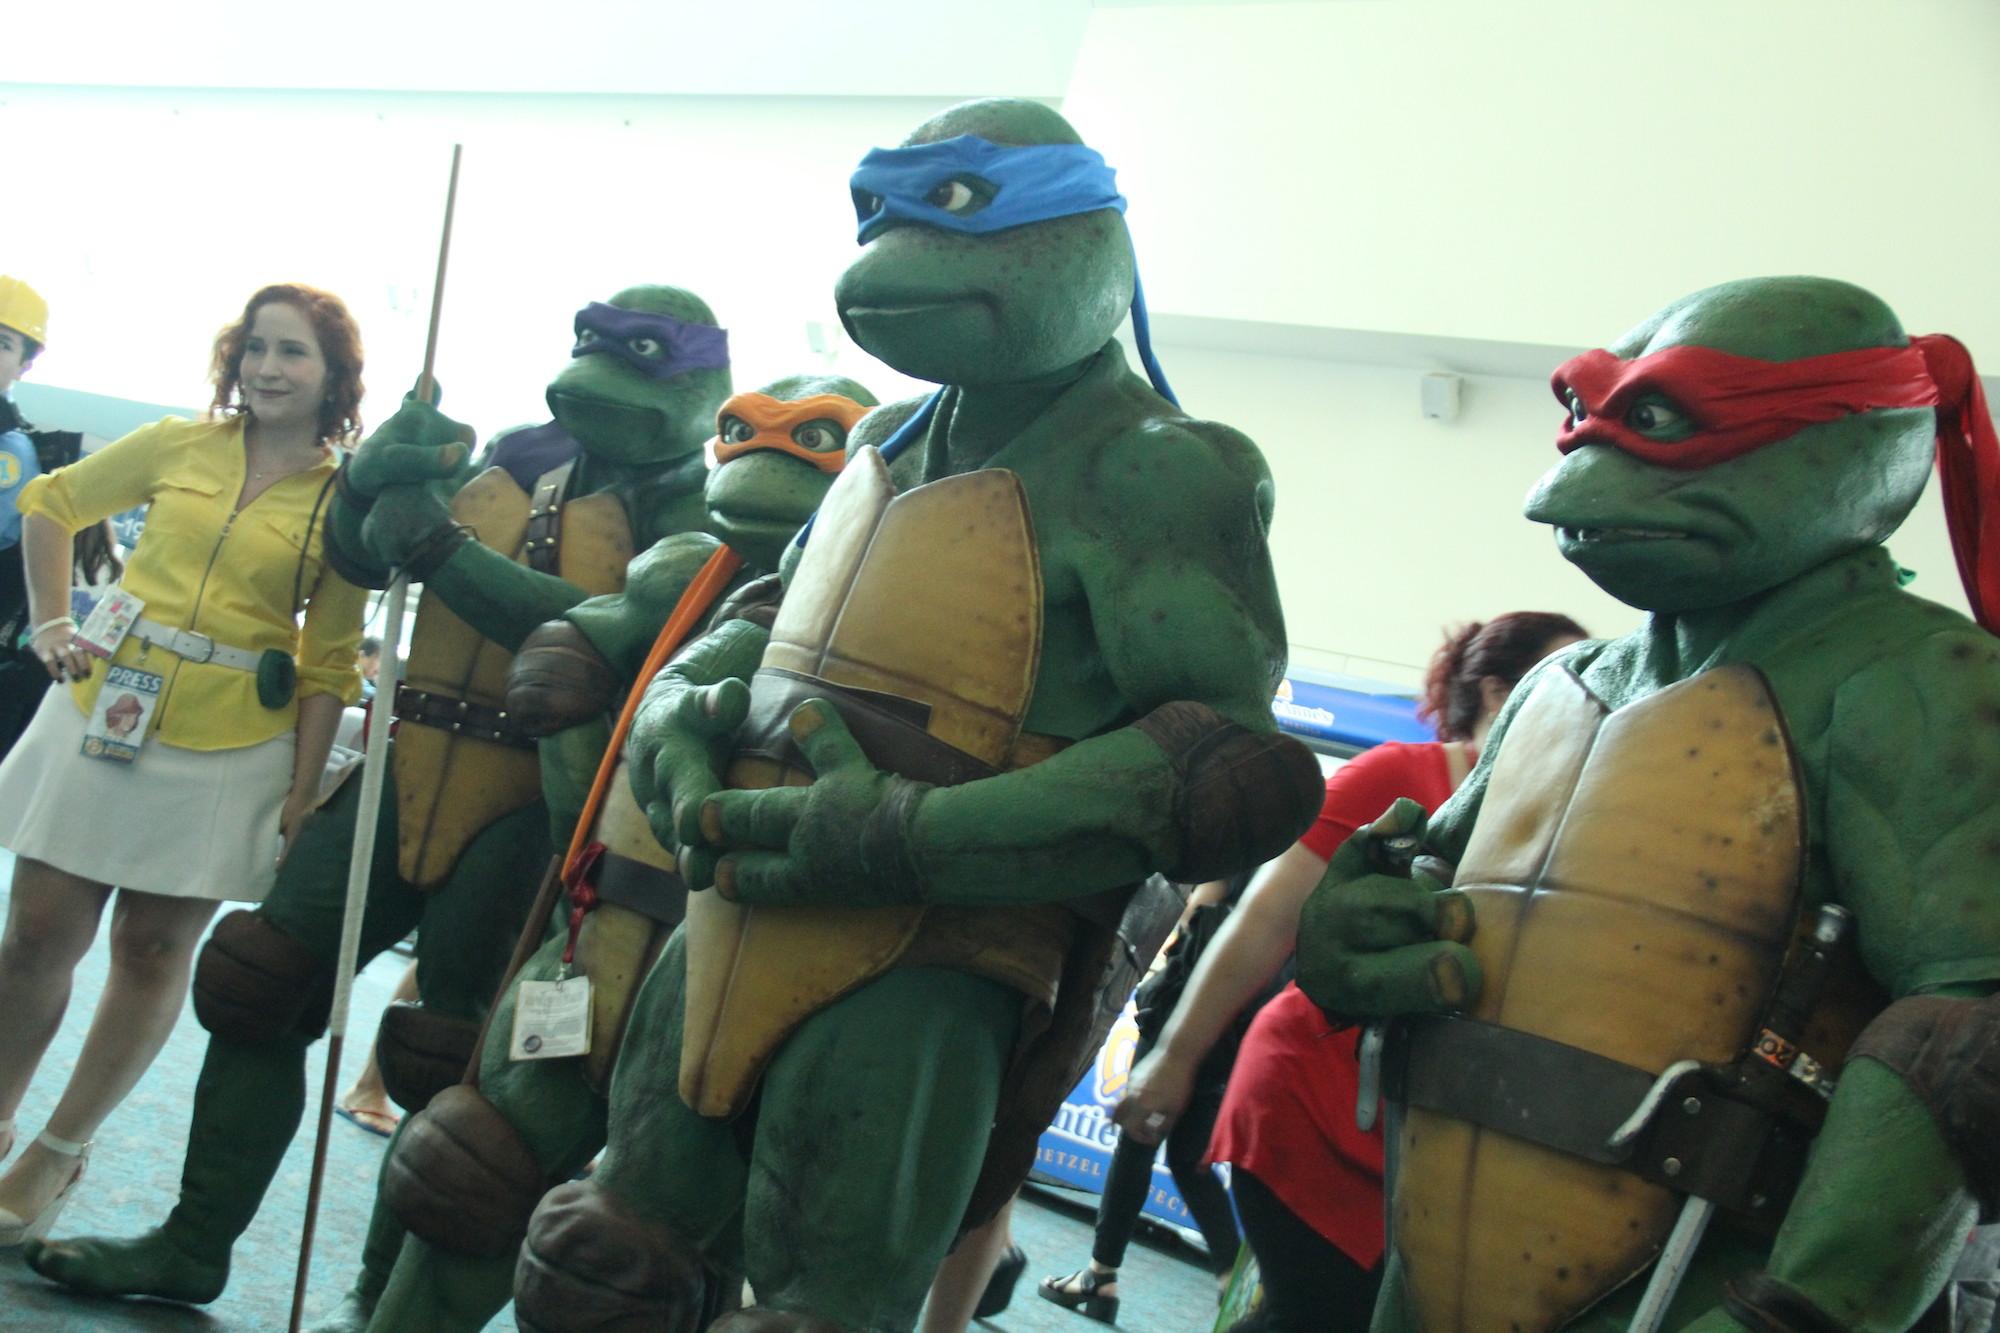 Comic-Con 2014: Cosplay per le Tartarughe Ninja